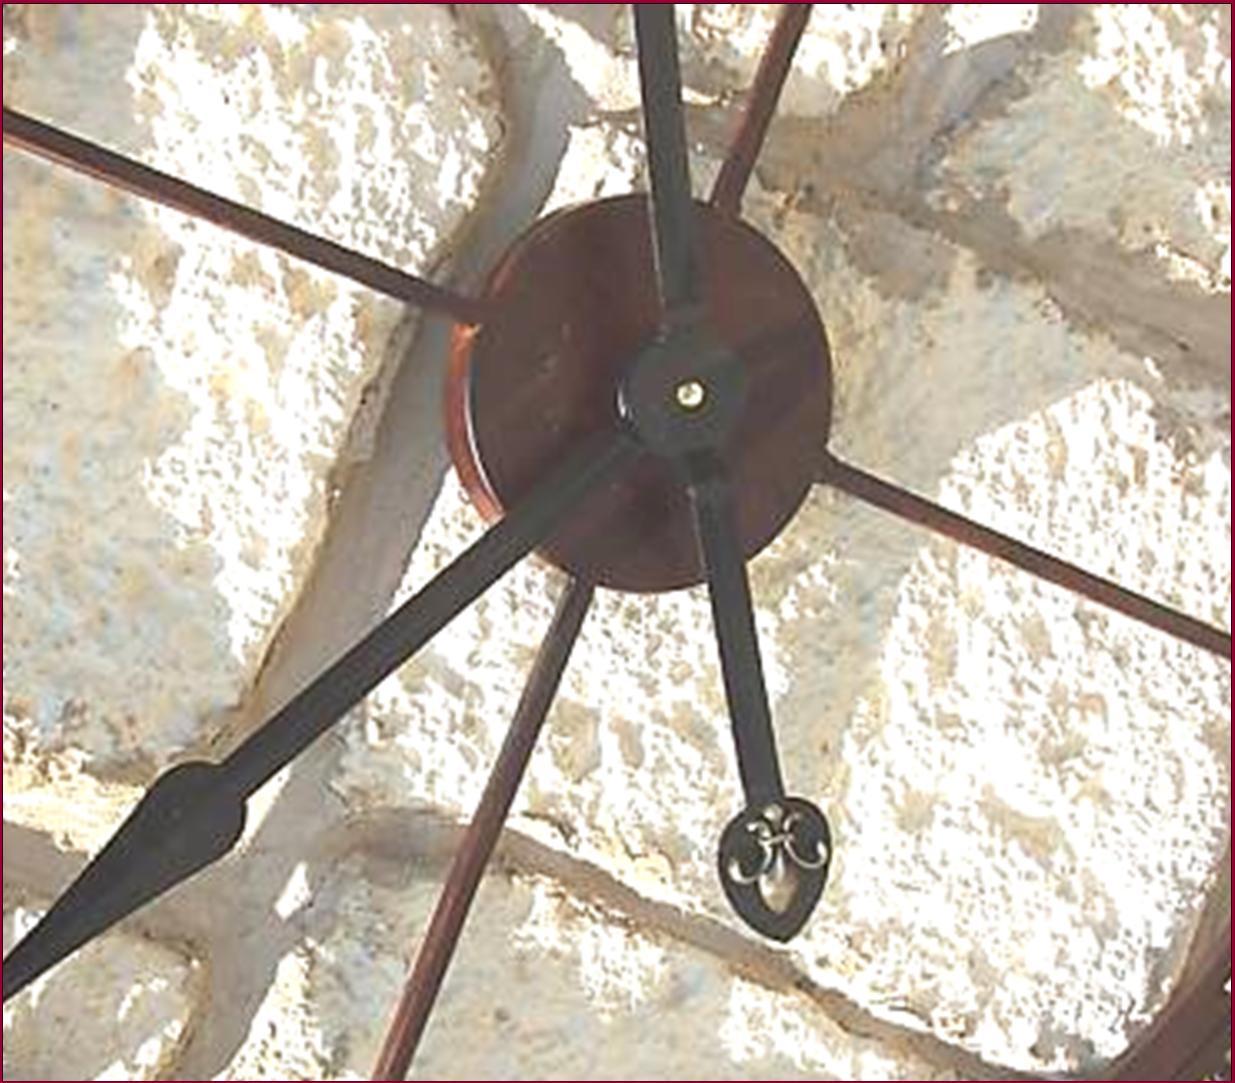 2 vasque medicis vase pot jardiniere de jardin en fonte marron 32cm ebay for Jardiniere vasque jardin